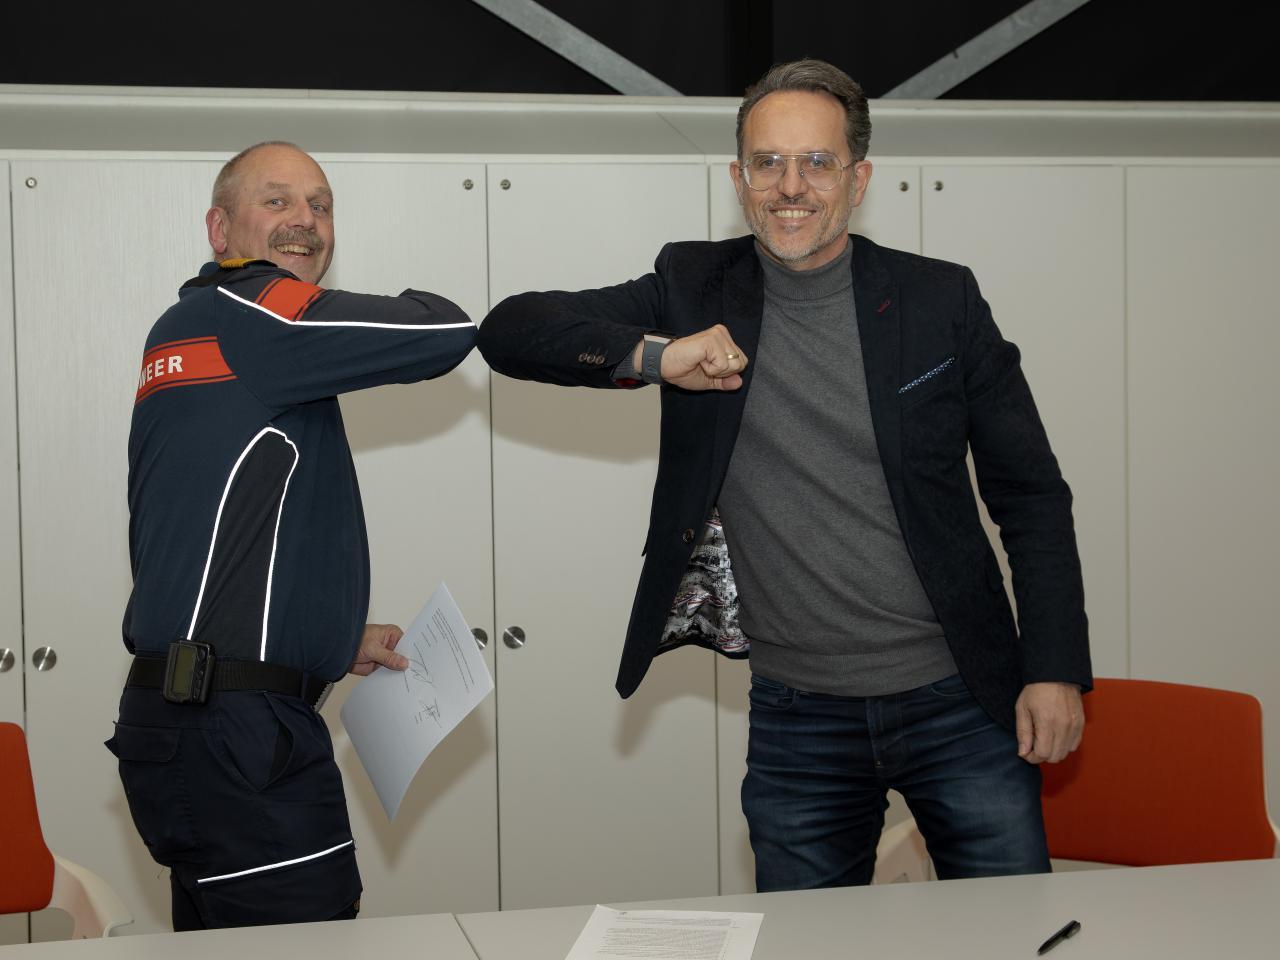 Haagse ReddingsBrigade en VRH ondertekenen convenant